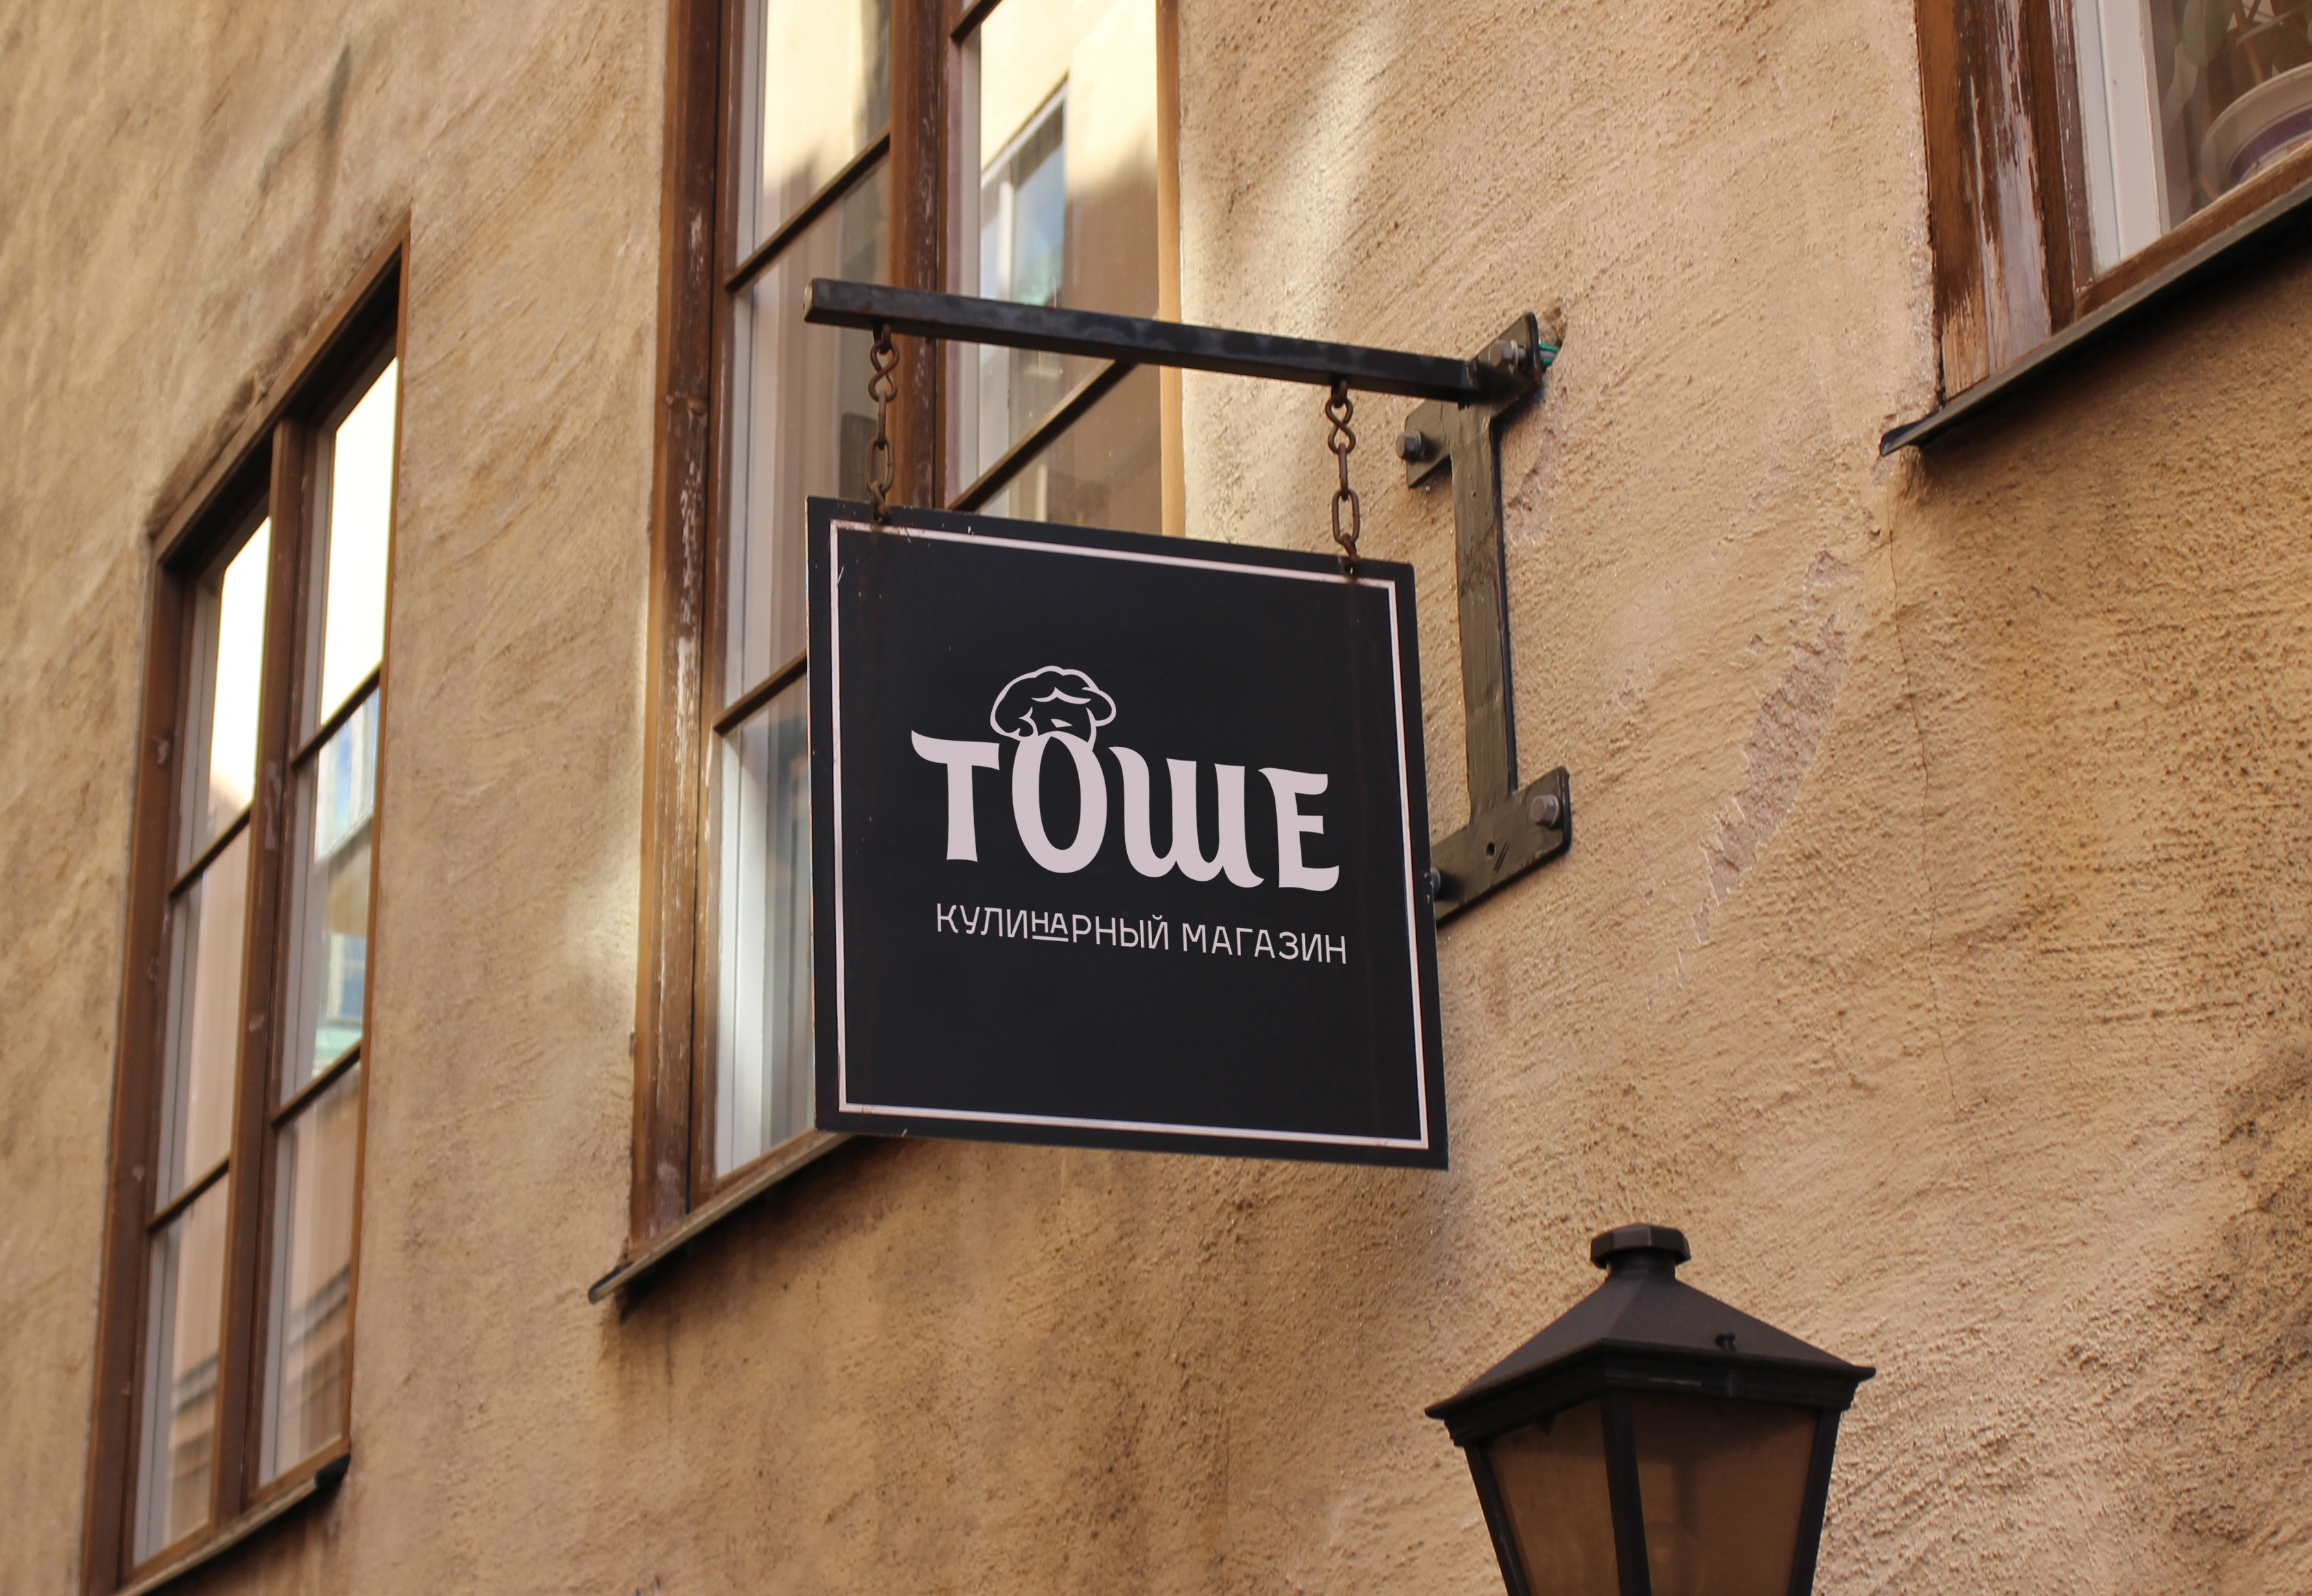 ТОШЕ - Кулинарный магазин